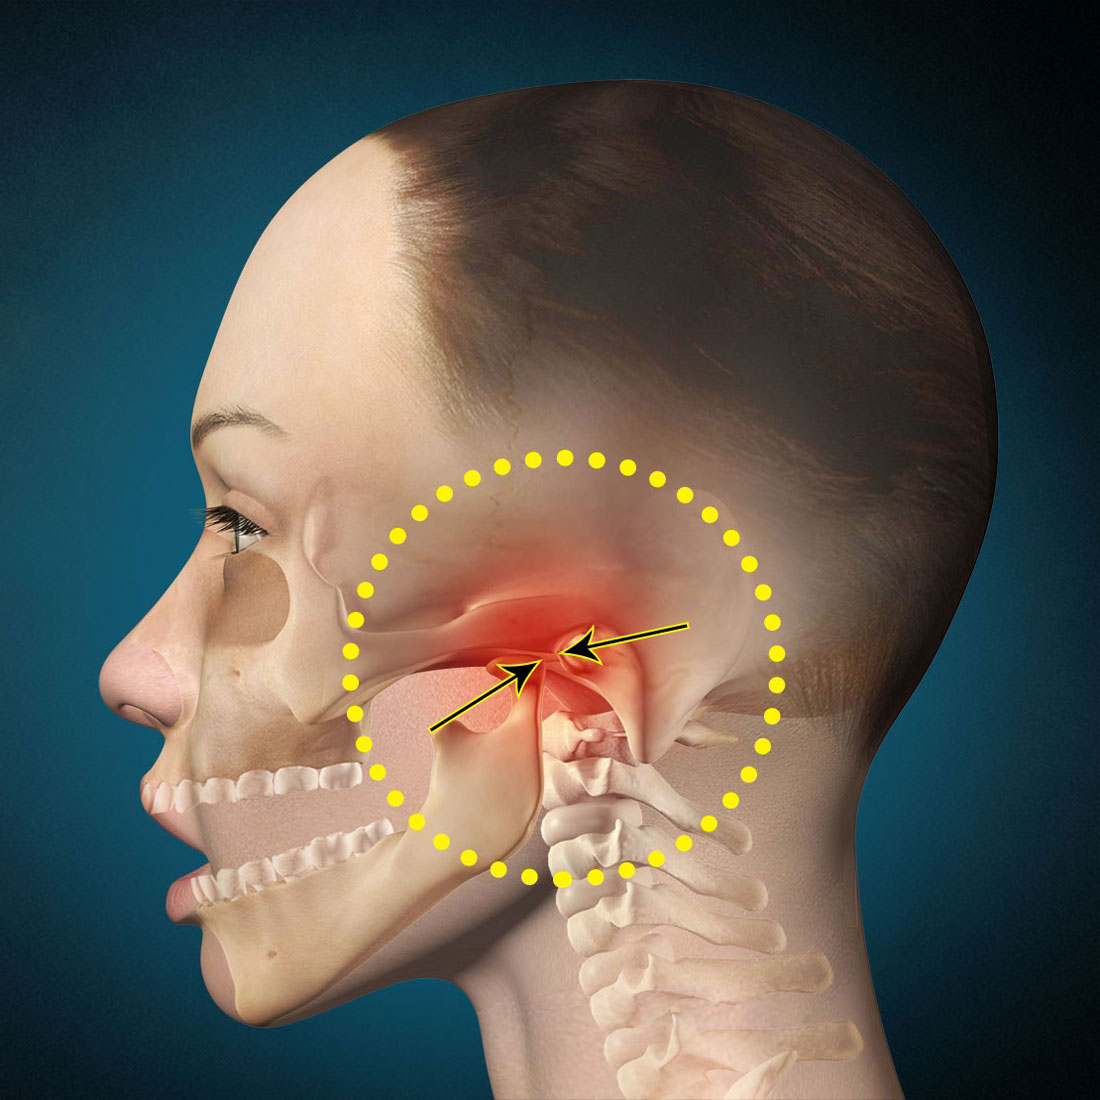 боль в плече и челюсти термобелье никаких